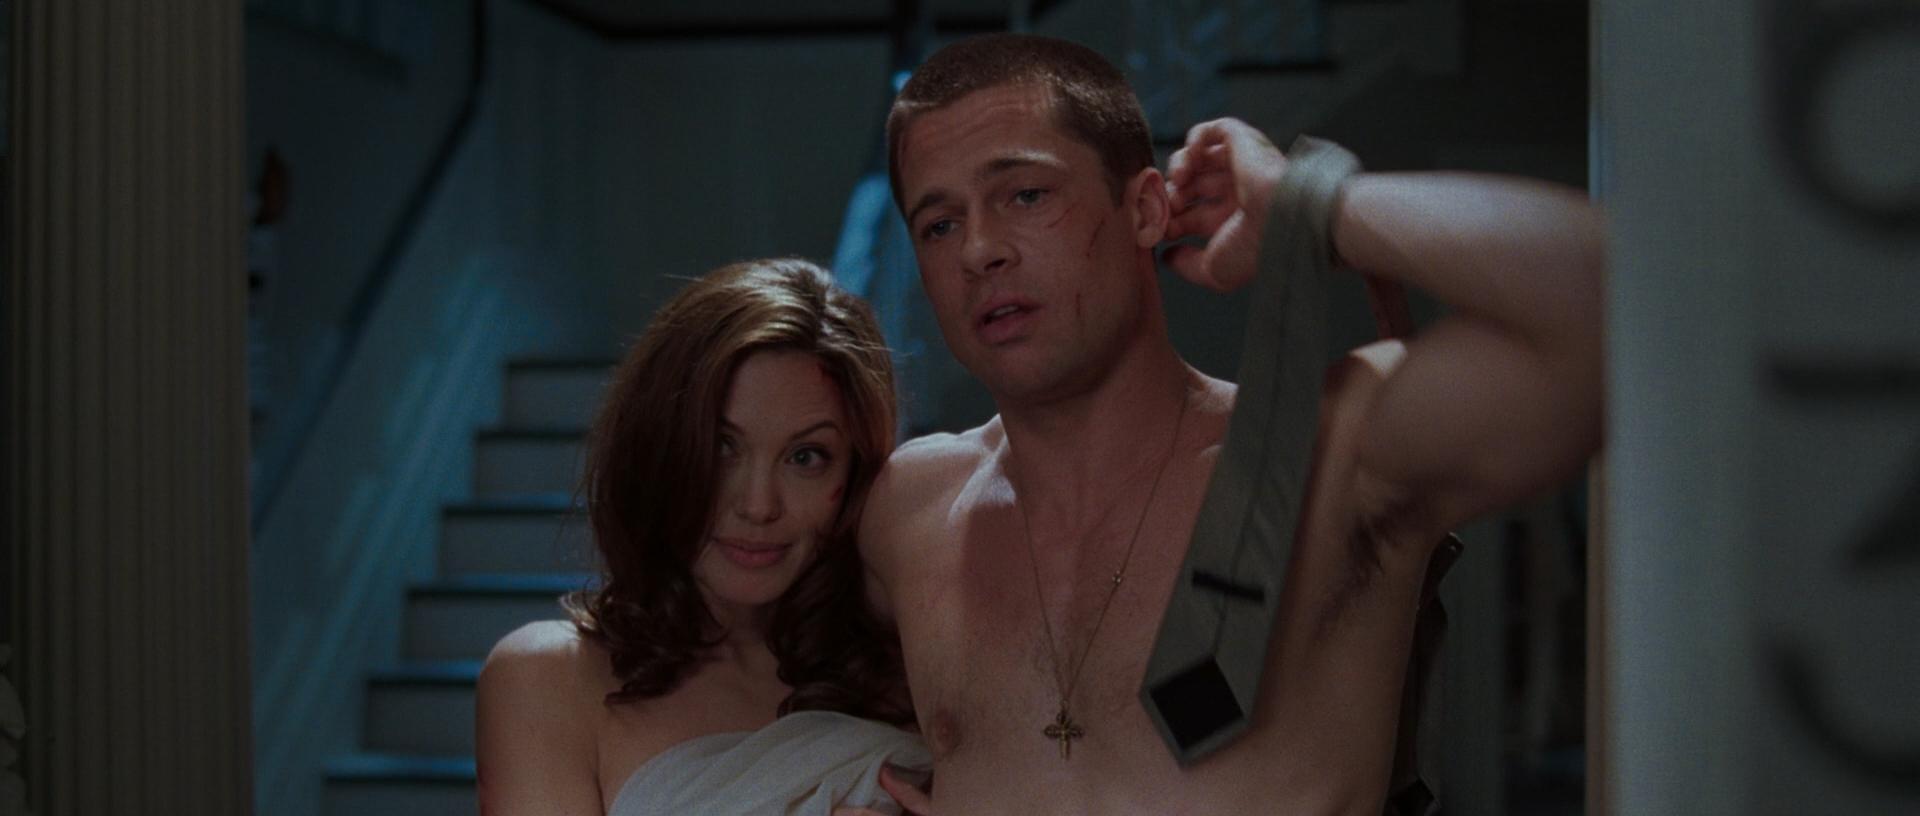 Анджелина джоли мистер и миссис смит секс